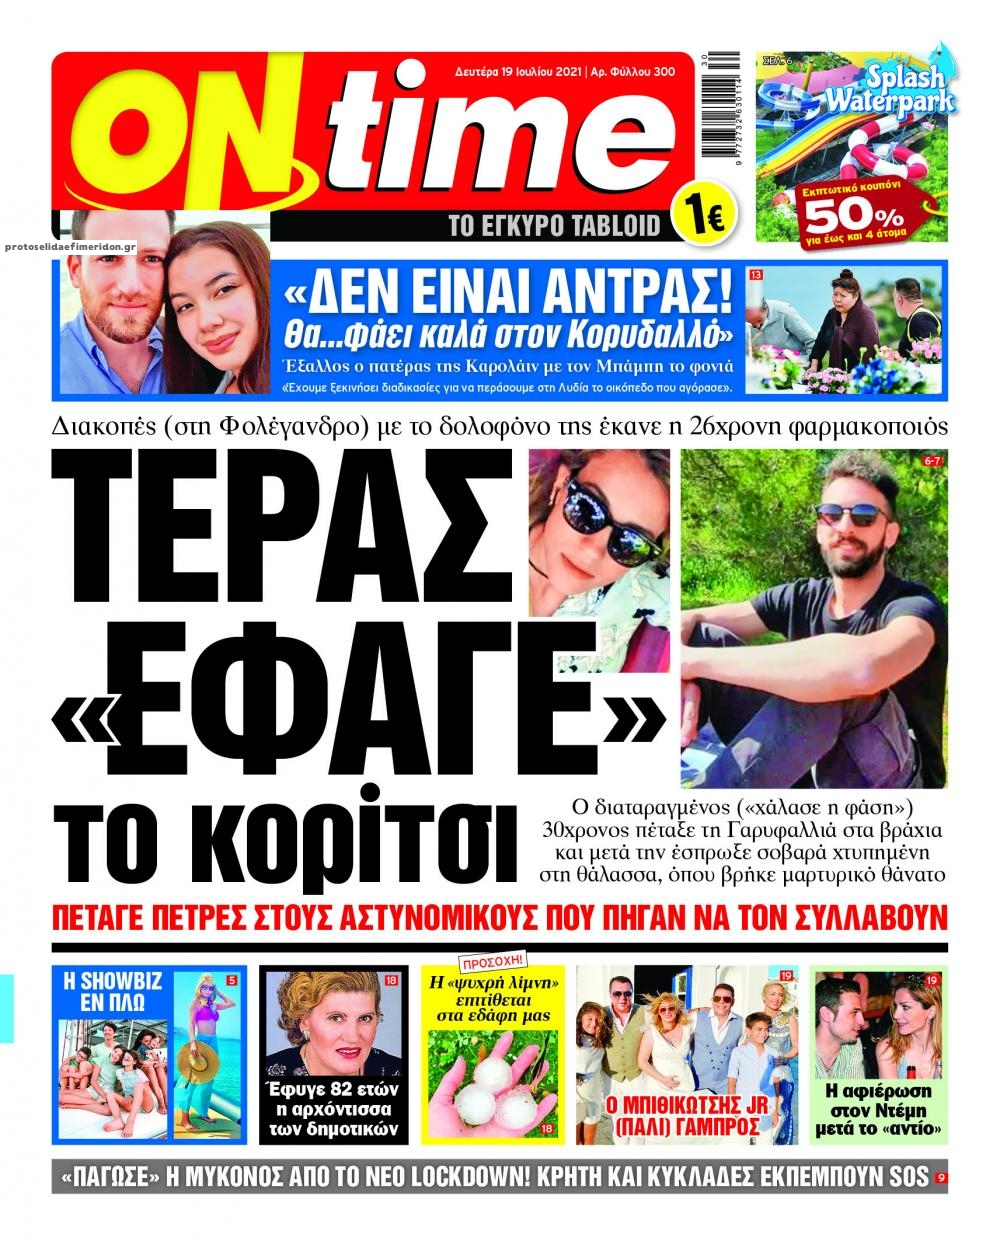 Πρωτοσέλιδο εφημερίδας On time